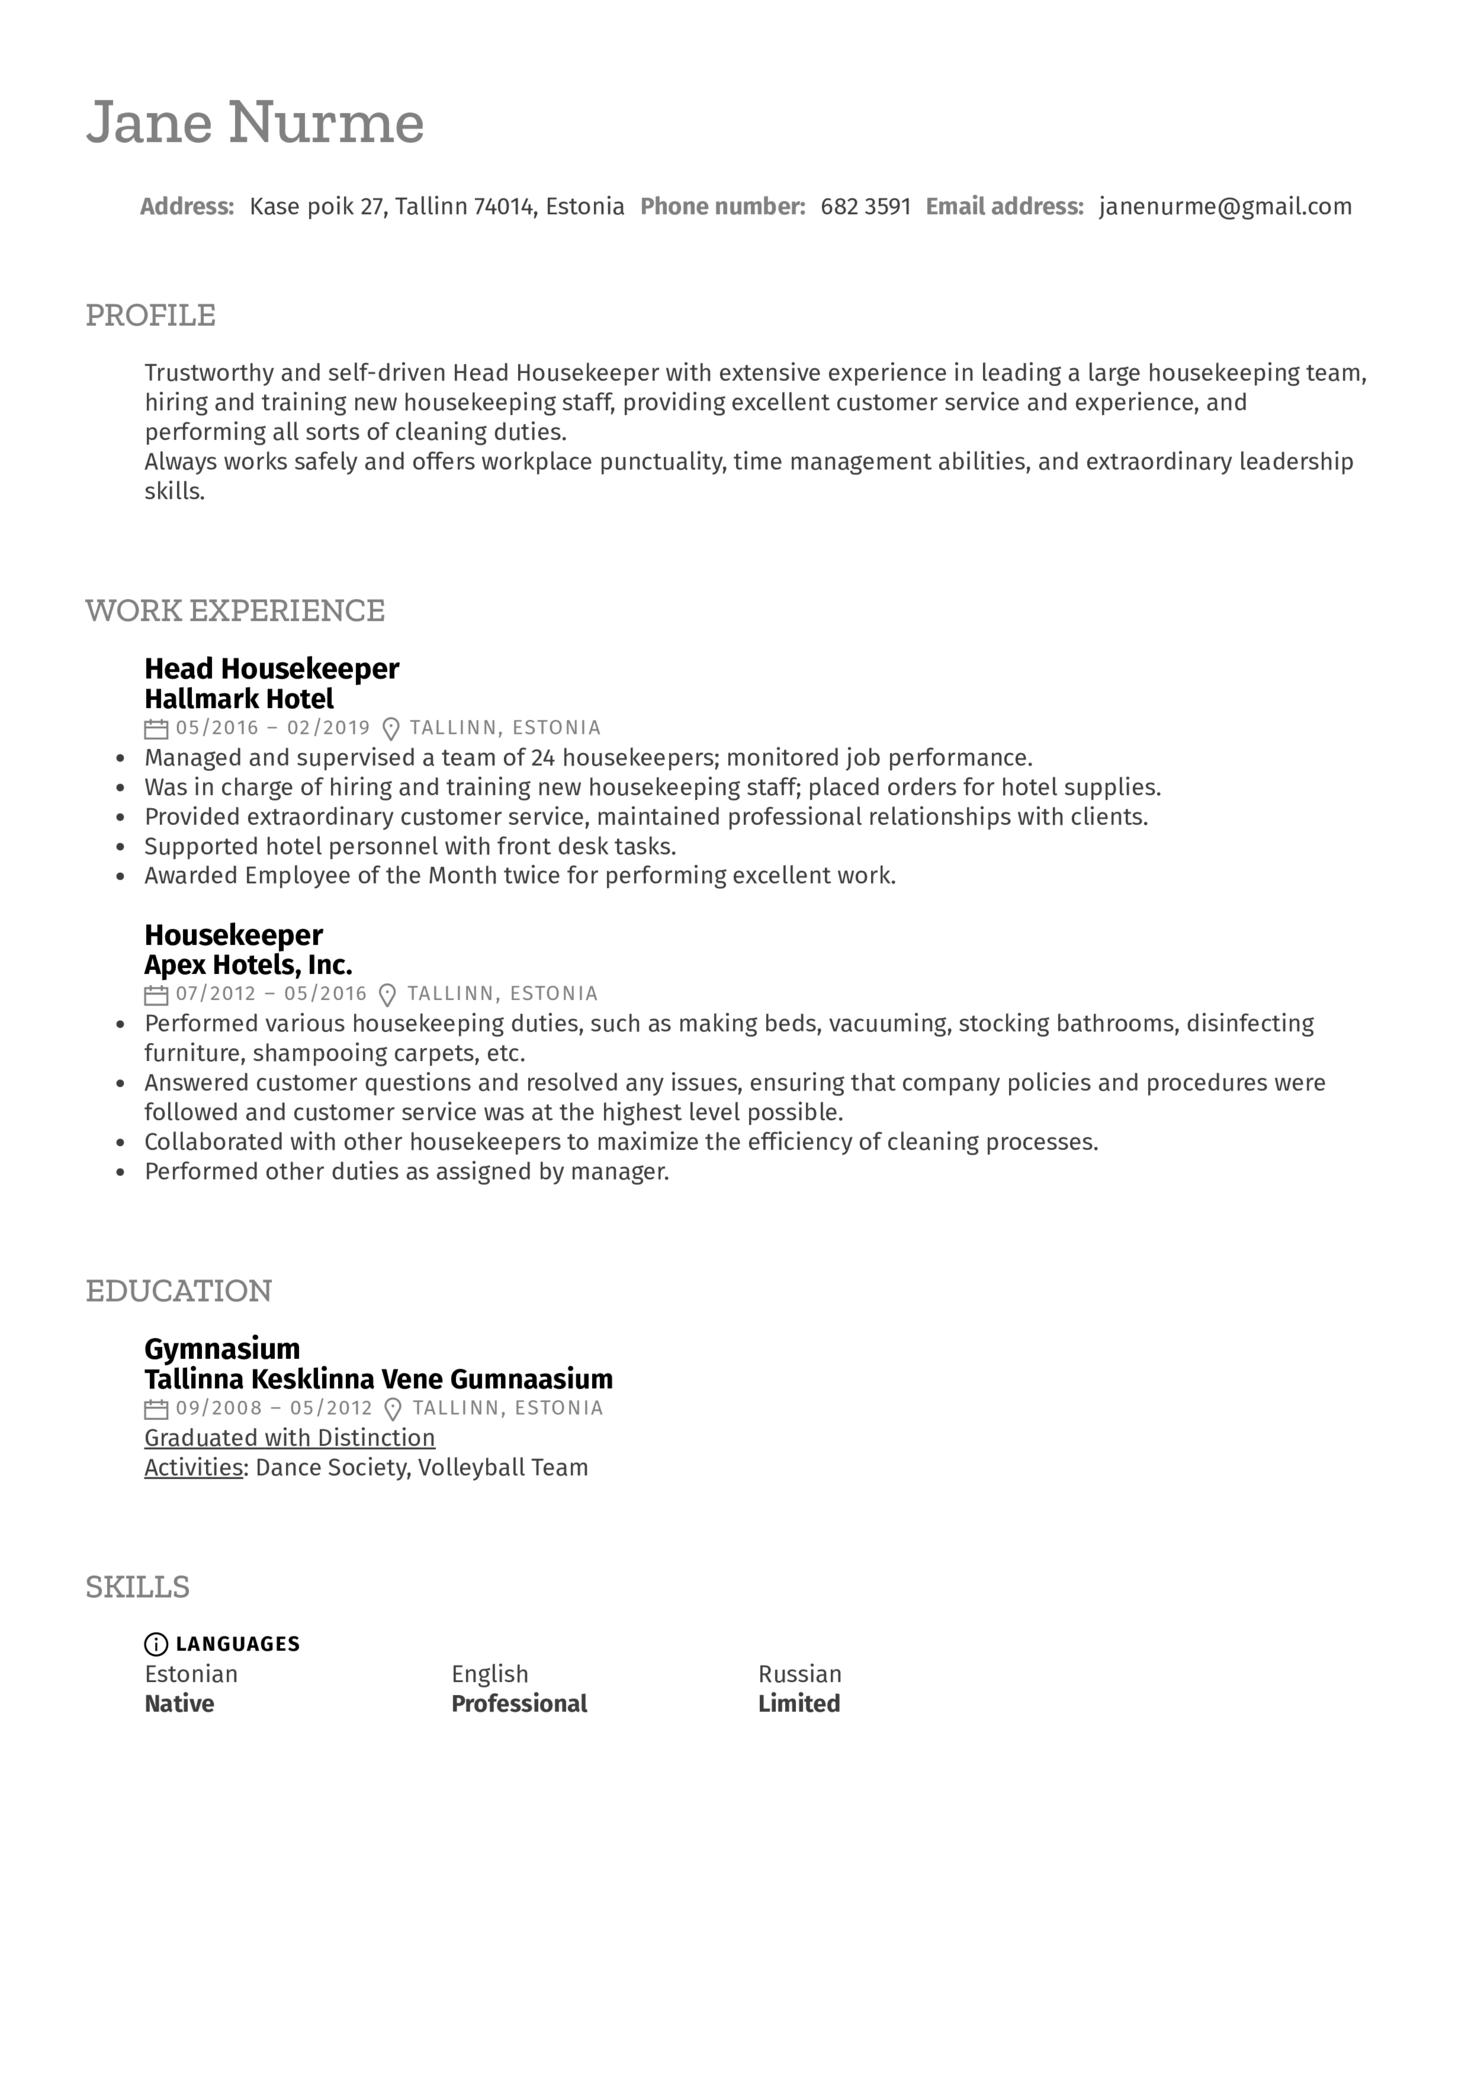 Head Housekeeper Resume Sample (Part 1)